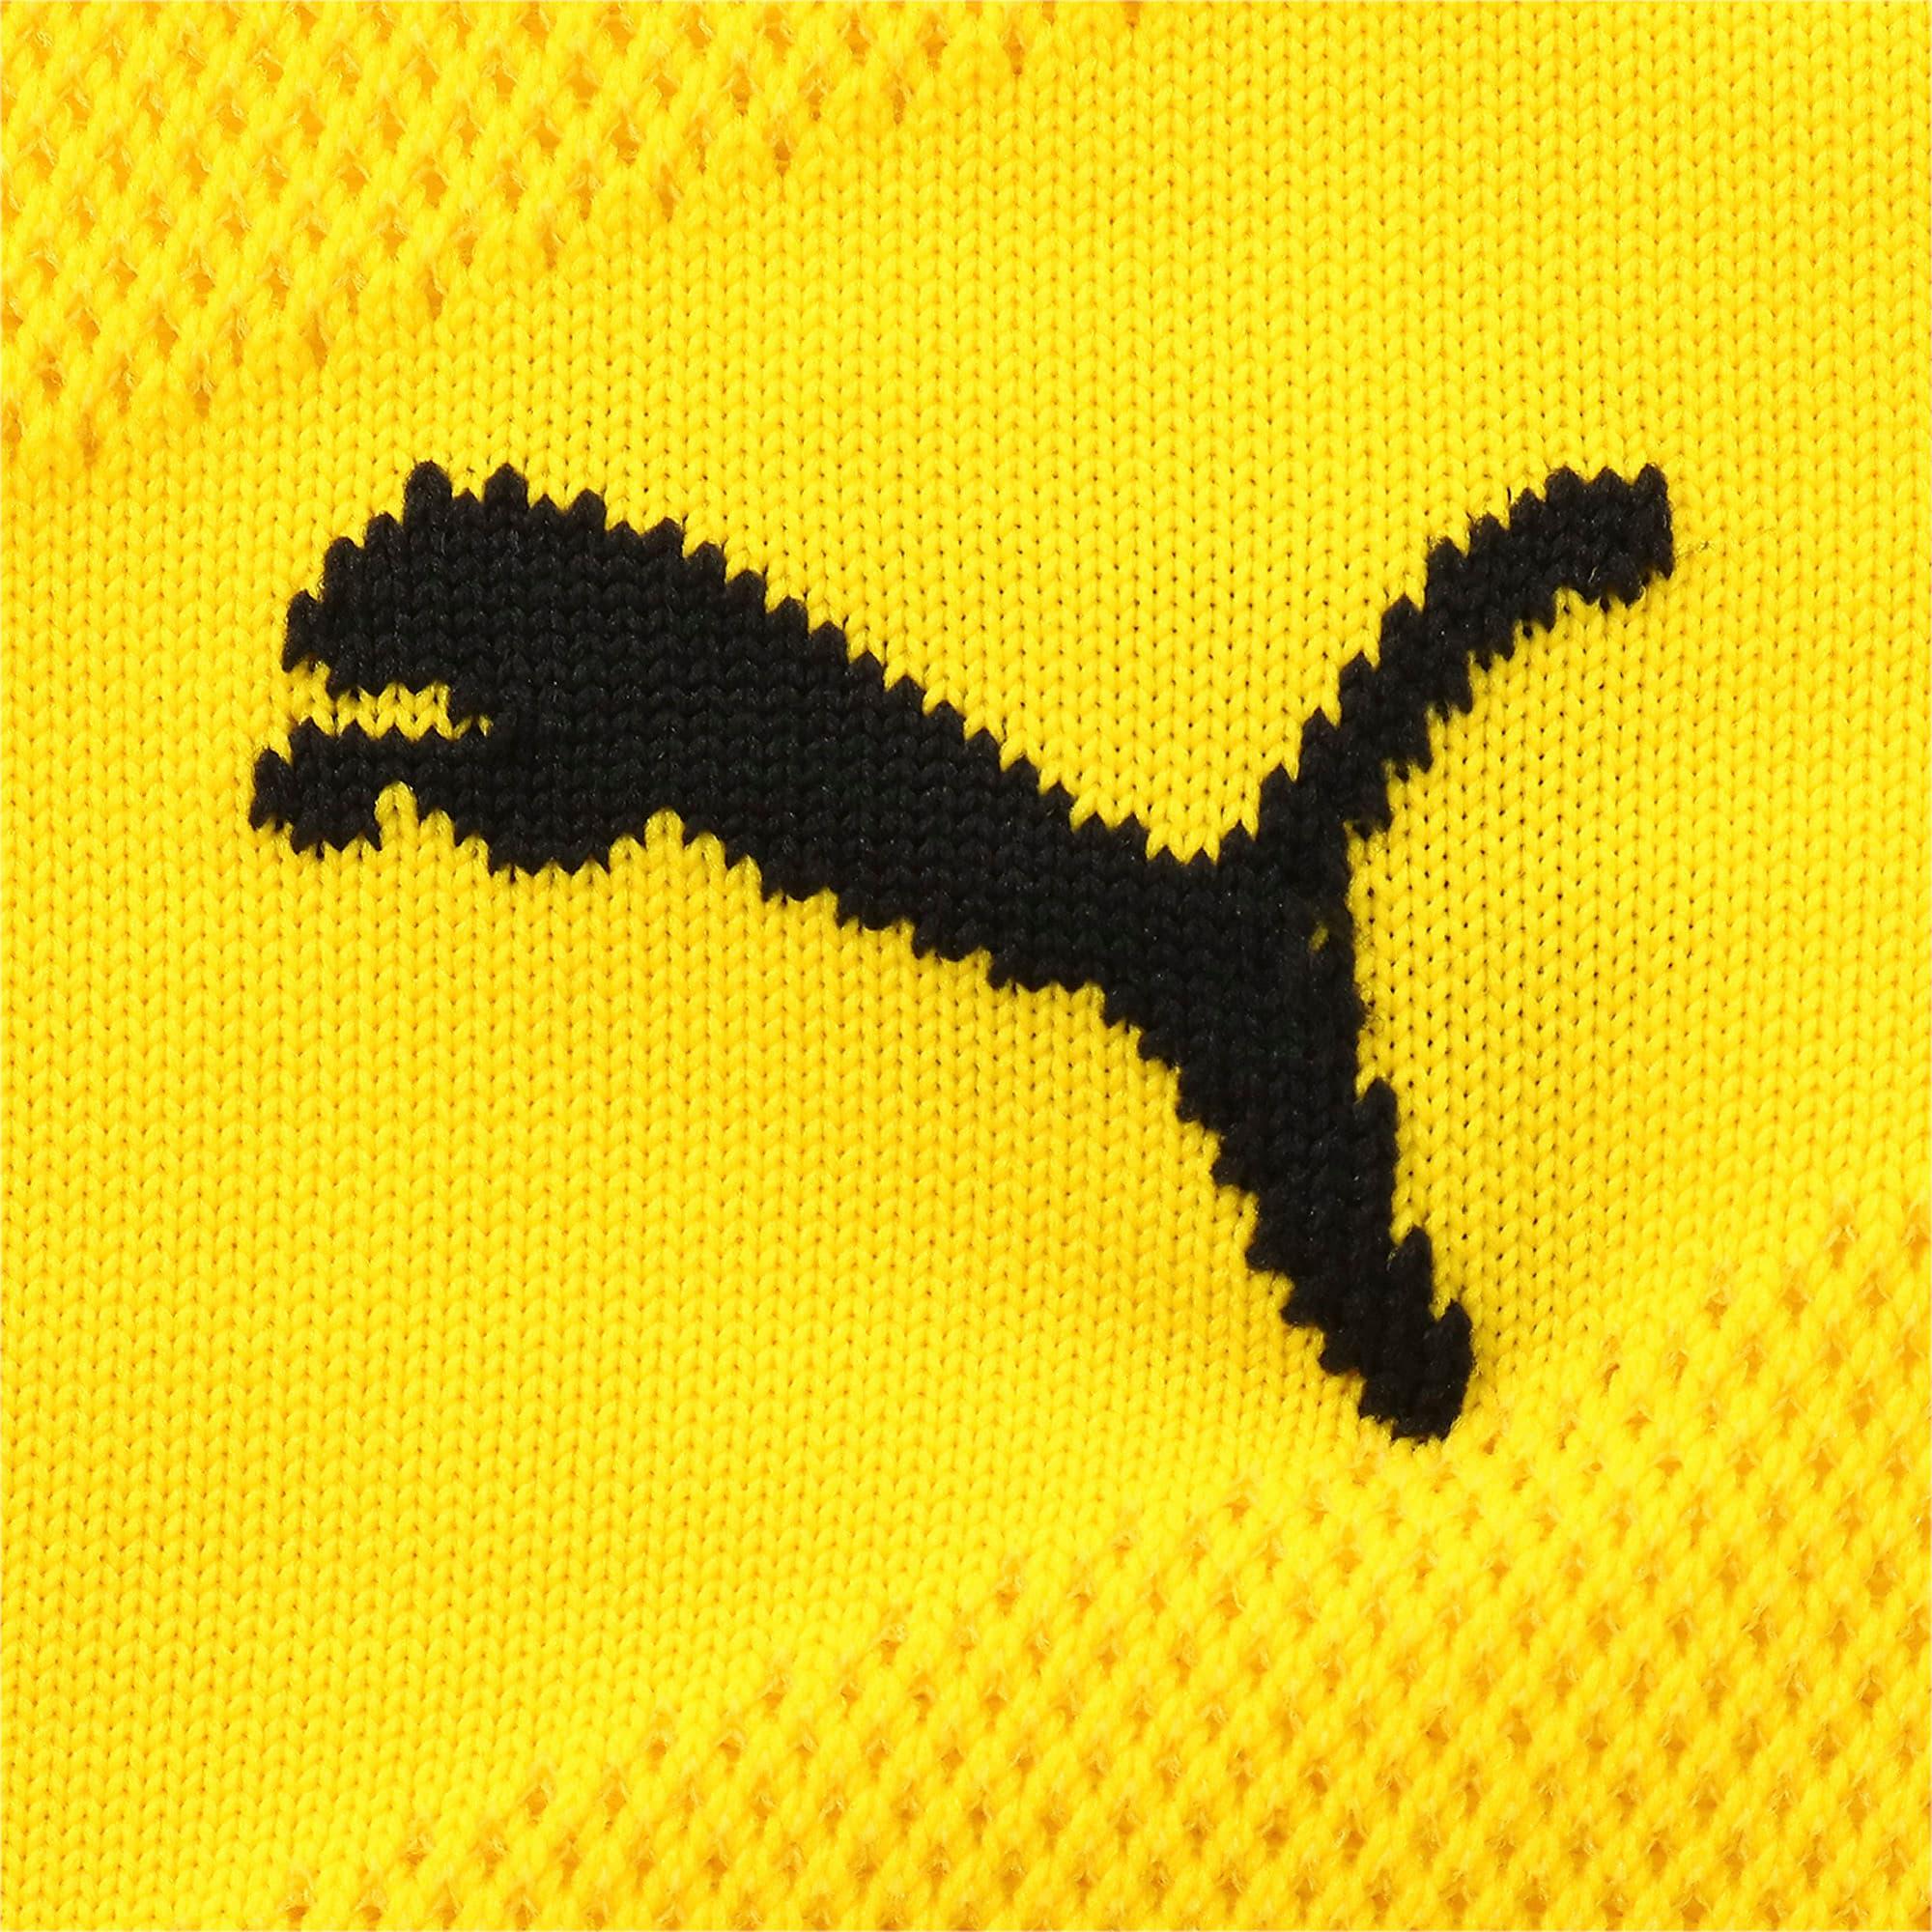 Thumbnail 2 of ドルトムント BVB スパイラル ストッキング, Cyber Yellow-Puma Black, medium-JPN